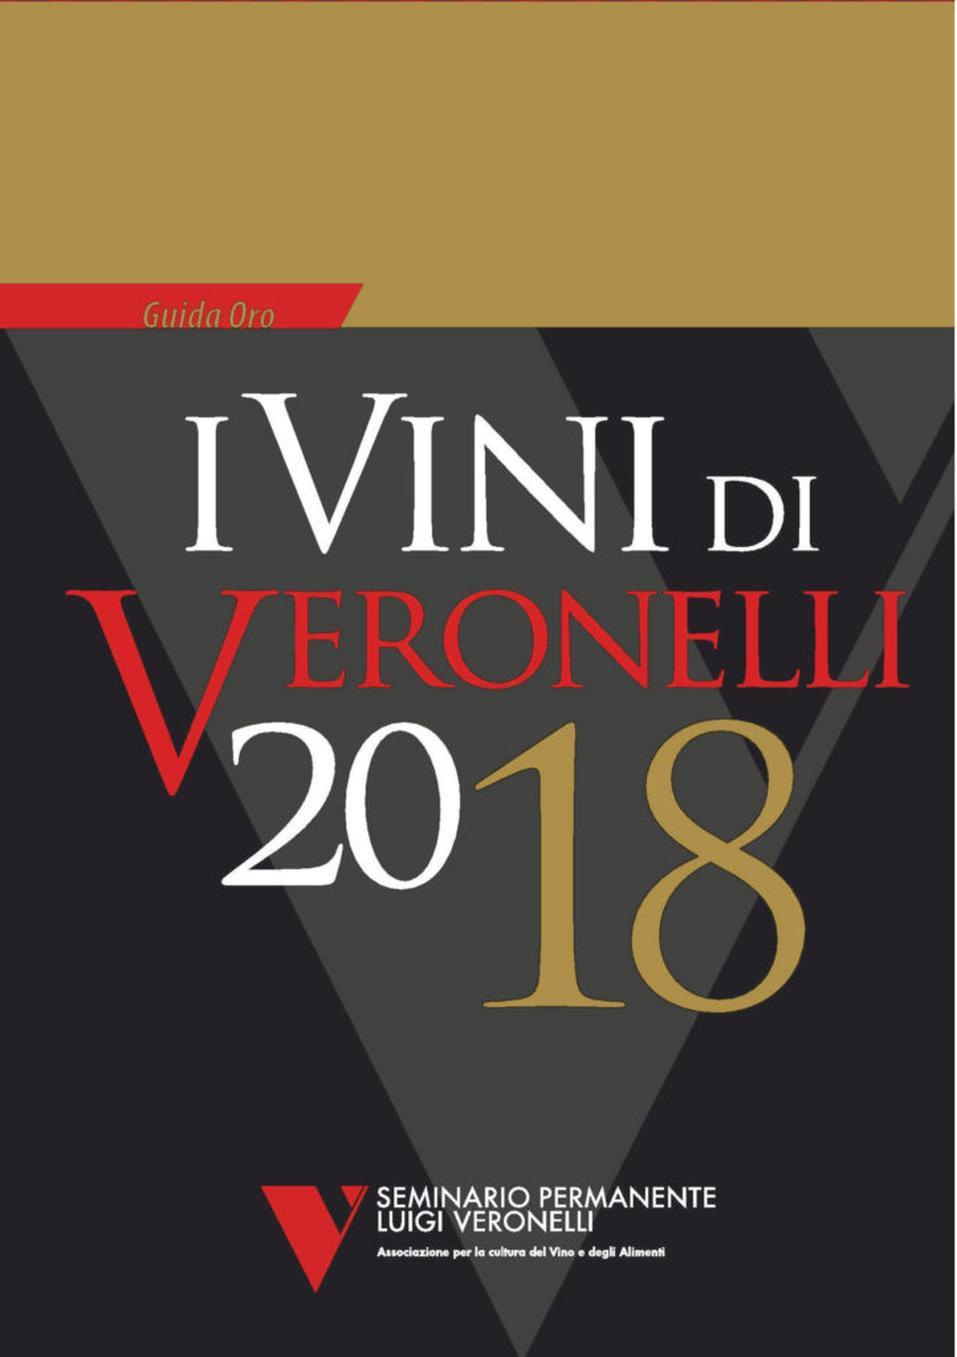 Guida Veronelli 2018